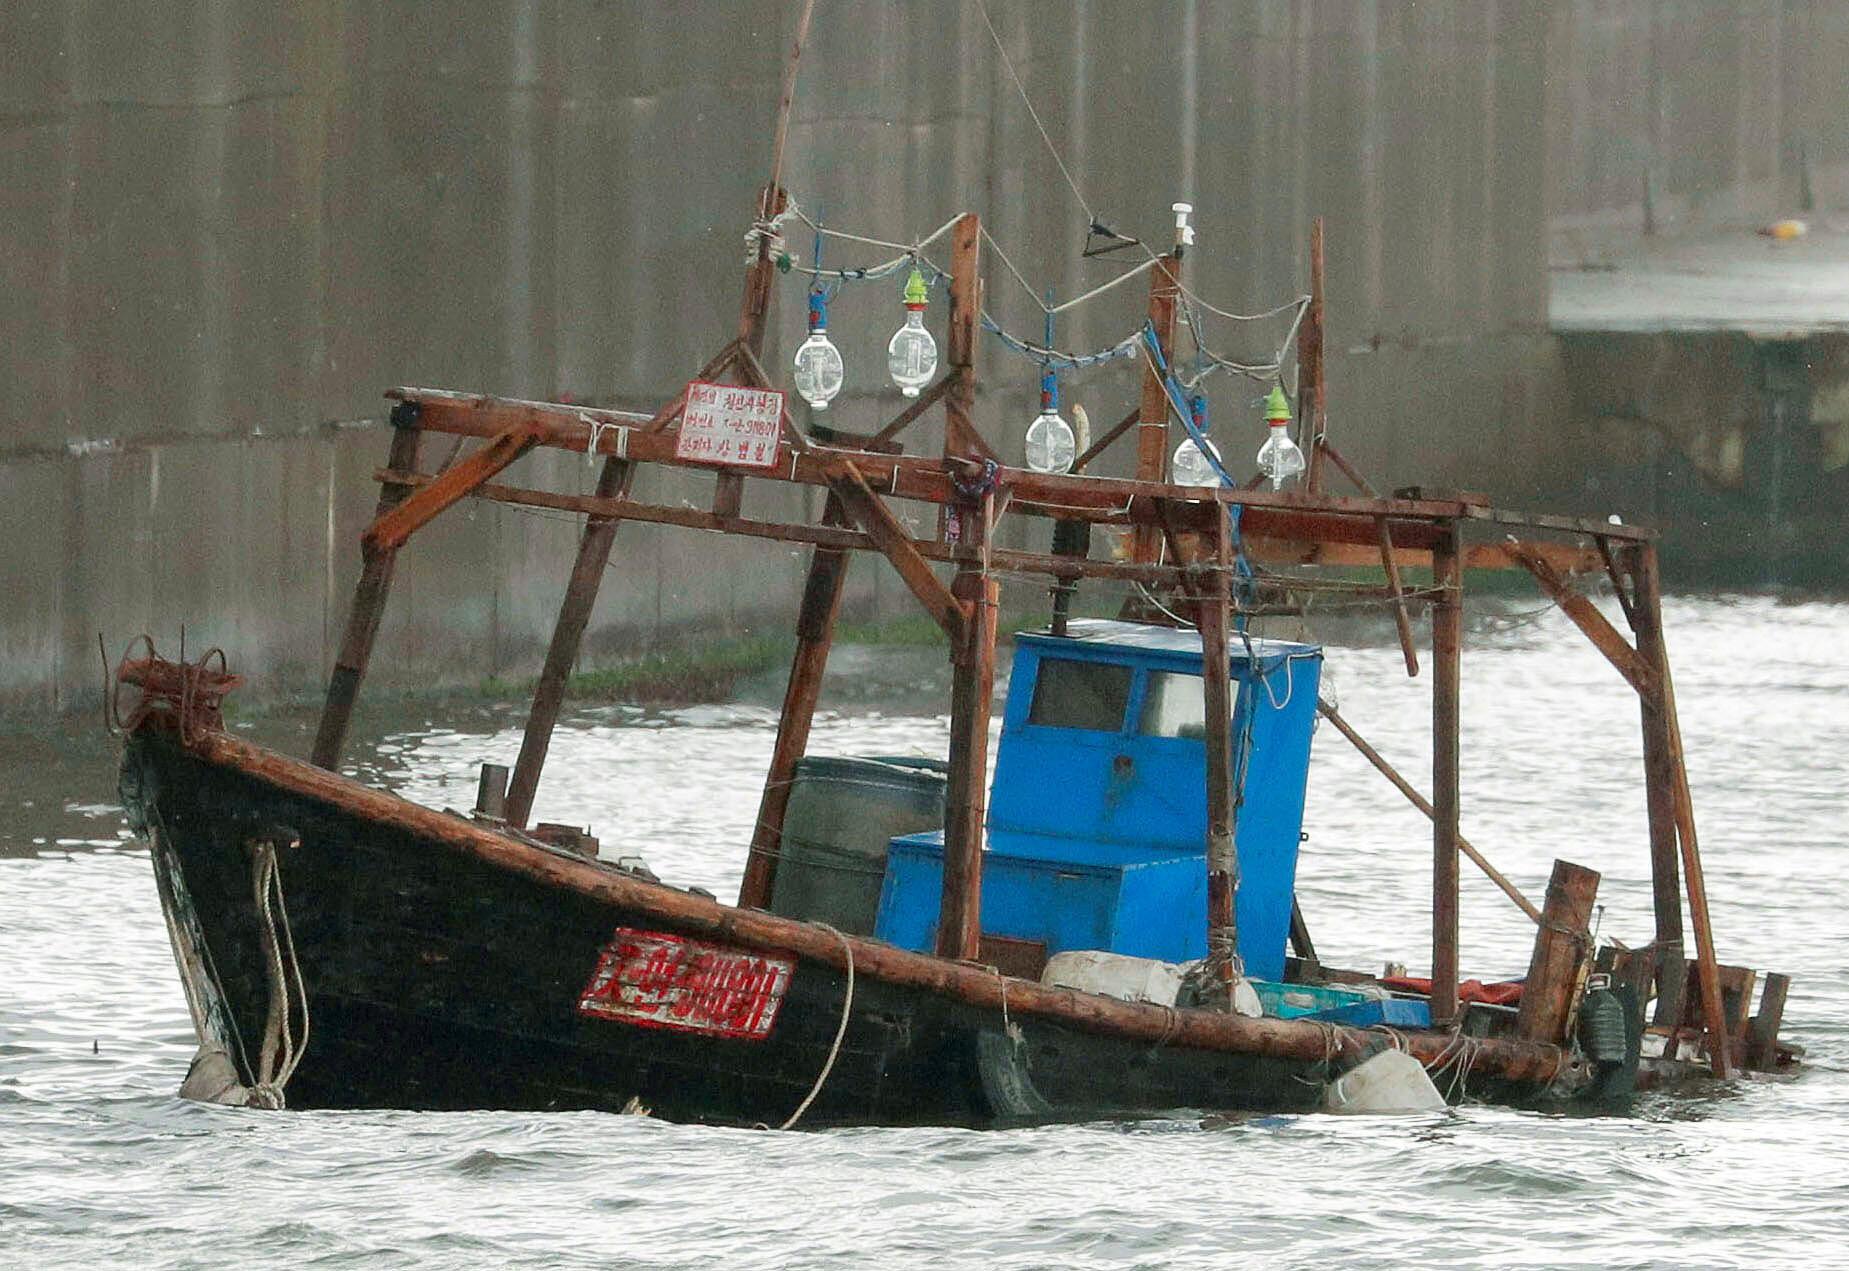 Một thuyền gỗ có tám người bị nghi là ngư dân Bắc Triều Tiên bị cảnh sát Nhật chặn bắt ở ngoài khơi Yurihonjo, Akita, ngày 24/11/2017.